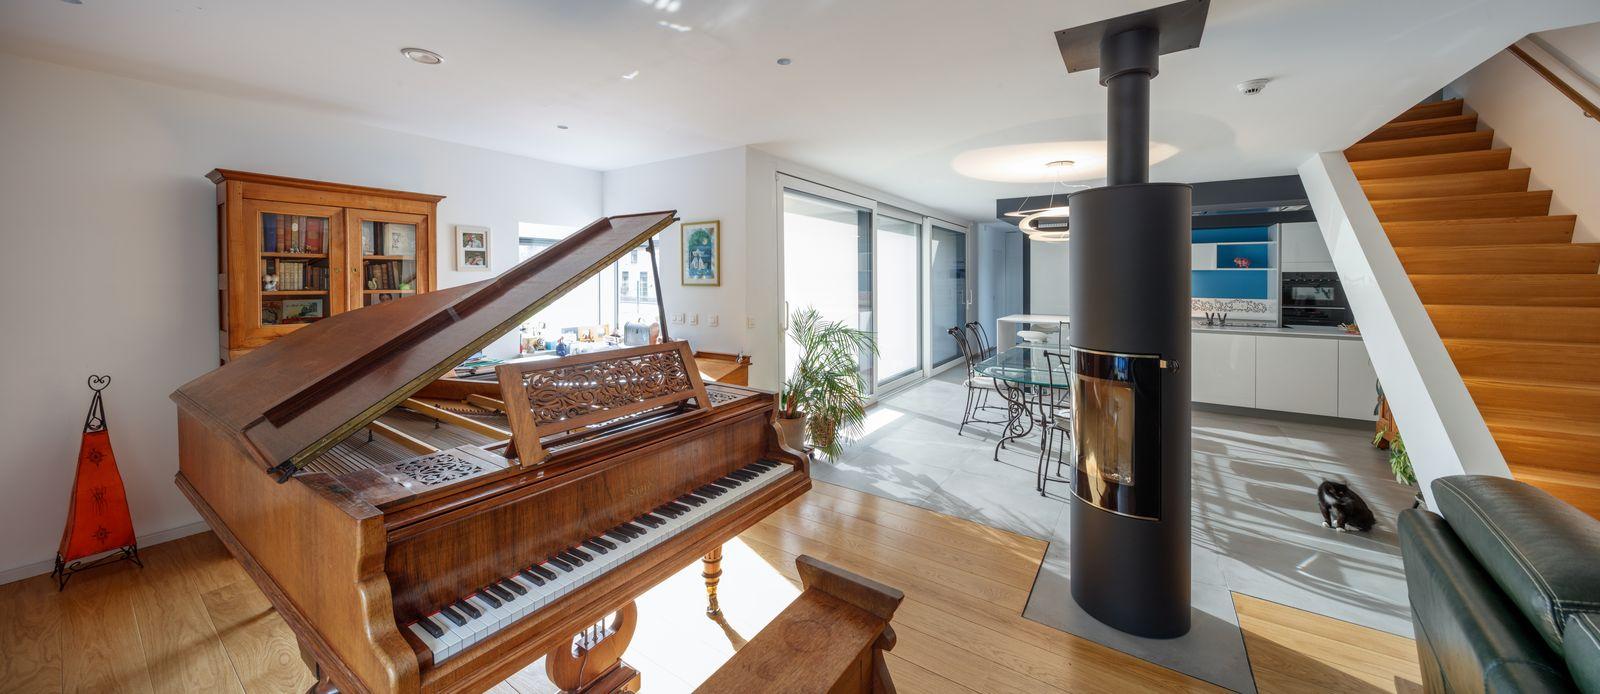 maison grandglise bureau d 39 tudes bois. Black Bedroom Furniture Sets. Home Design Ideas